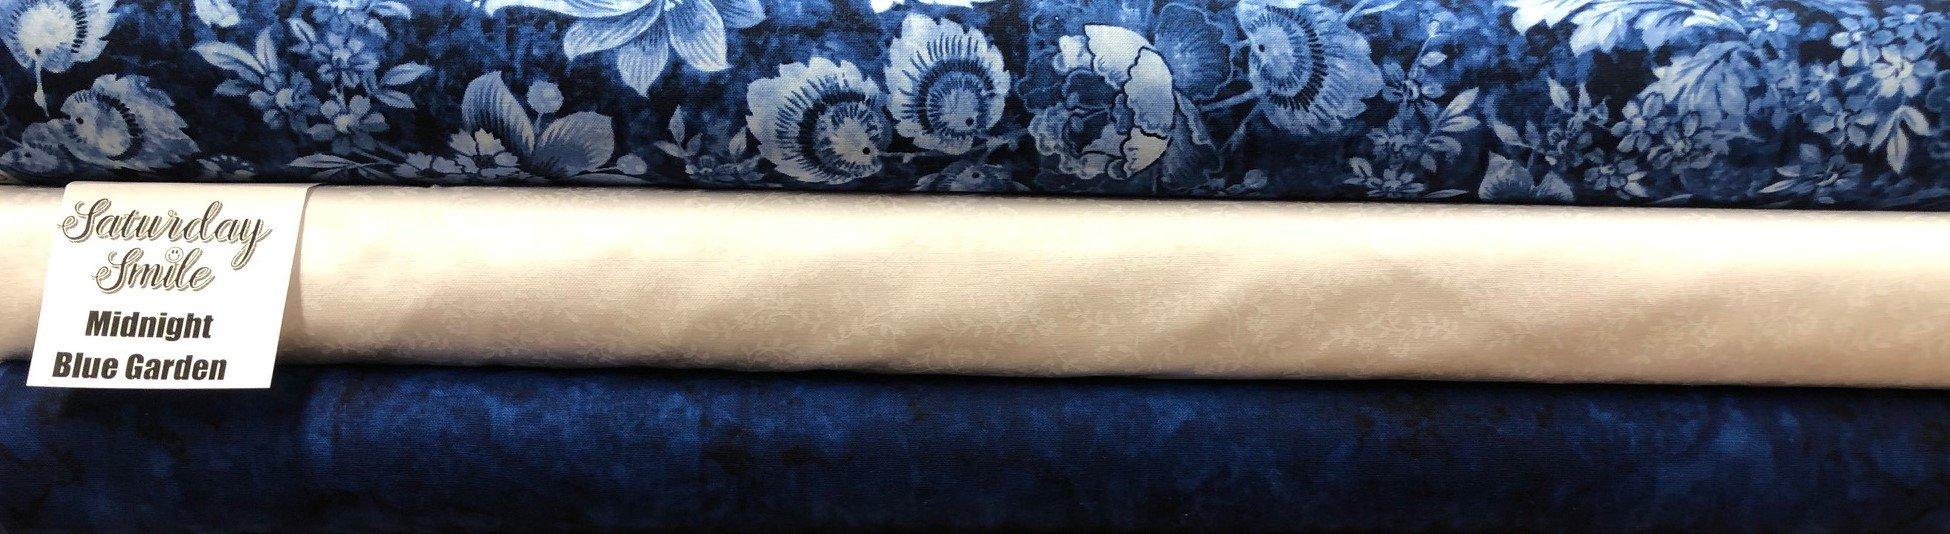 Midnight Blue Garden 3-yard quilt kit